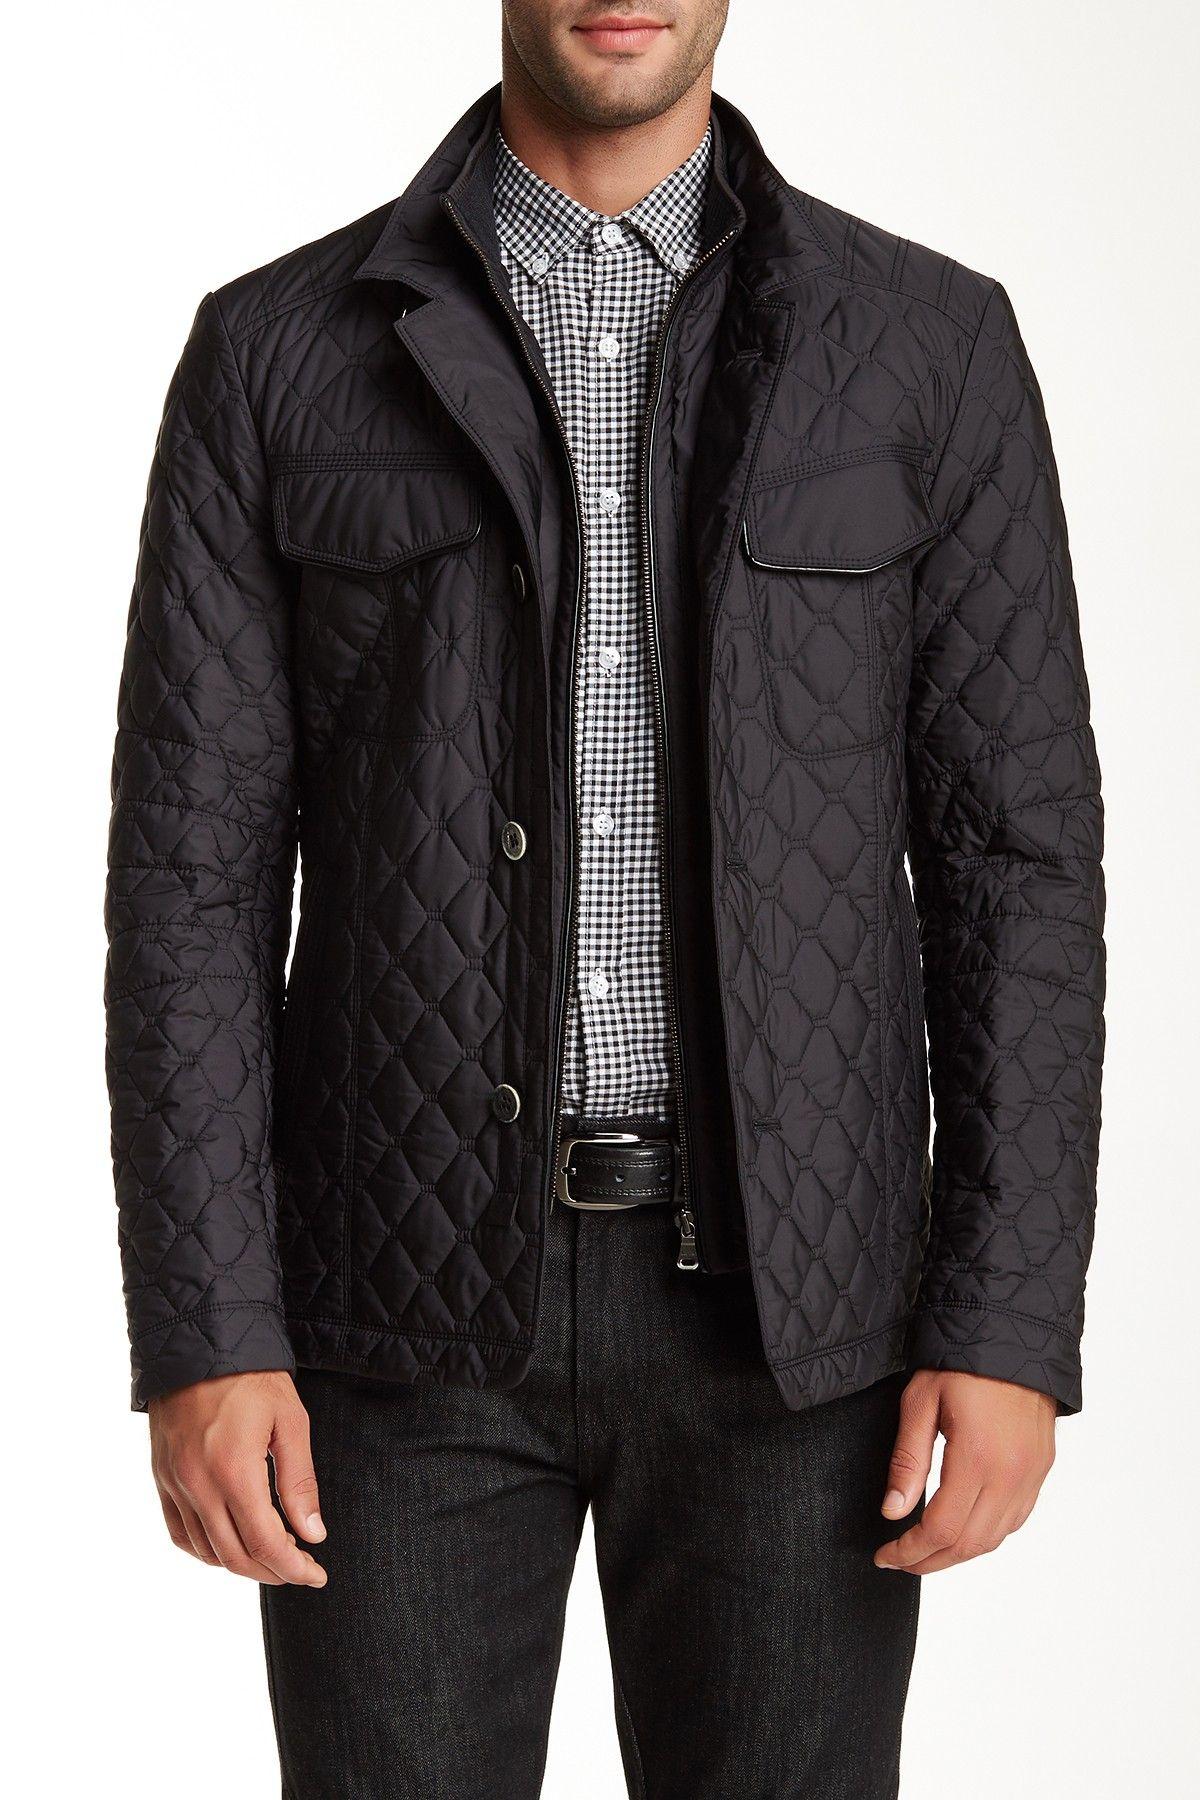 Camay Jacket Jackets Leather Jacket Camay [ 1800 x 1200 Pixel ]